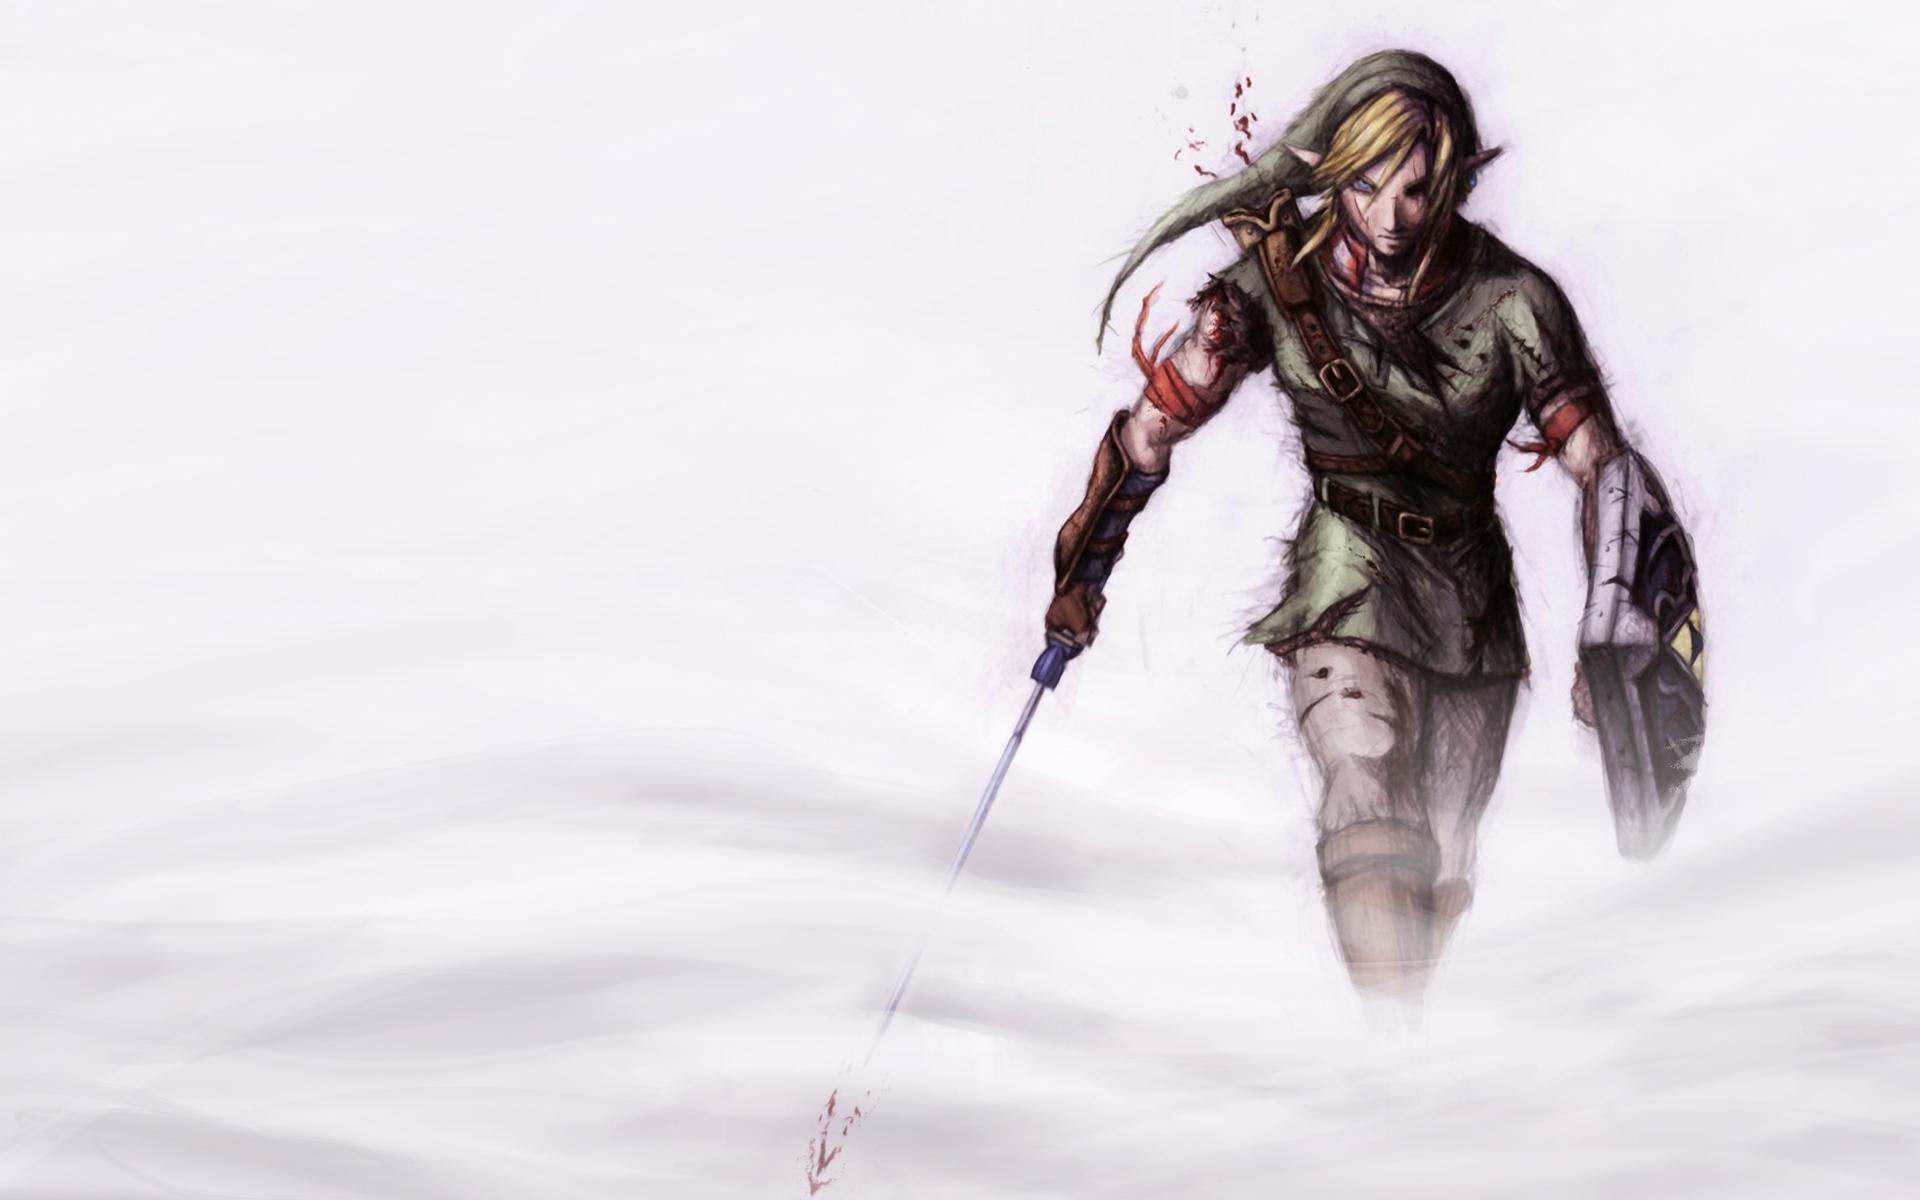 Legend Of Zelda Link Wallpaper Wallpapersafari